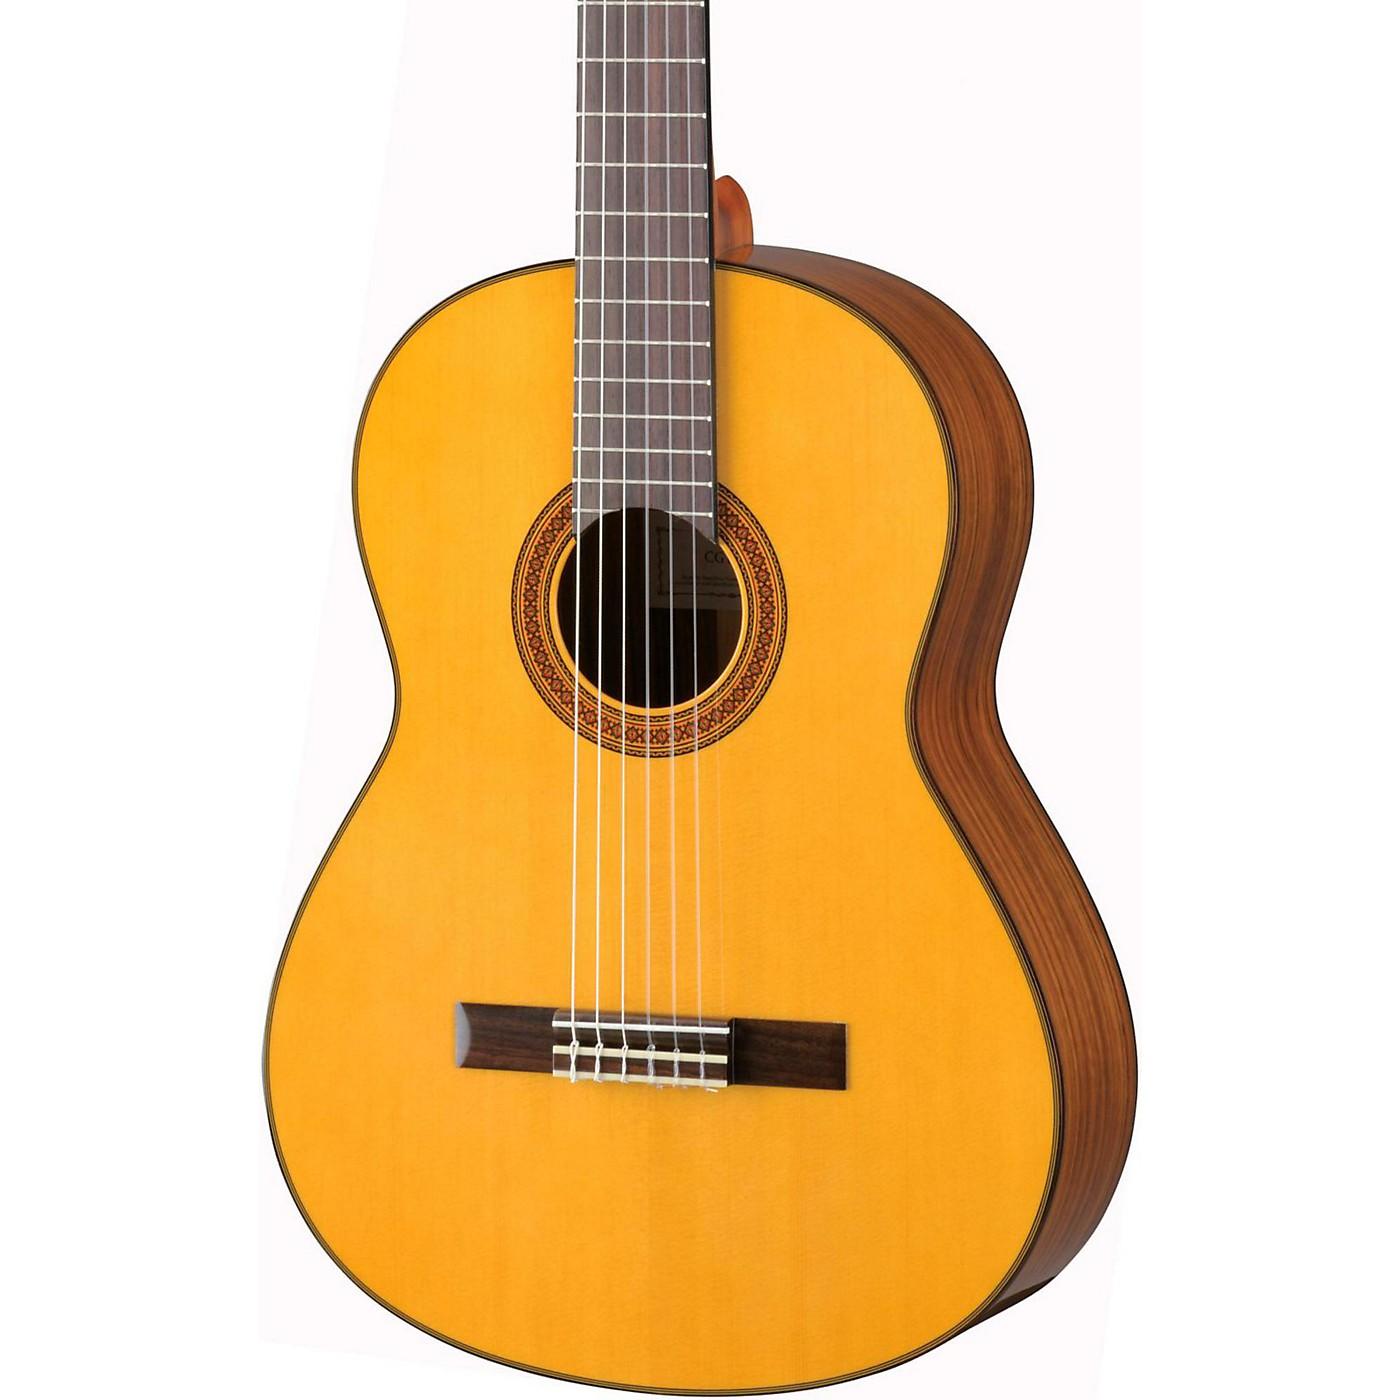 Yamaha CG162S Spruce Top Classical Guitar thumbnail